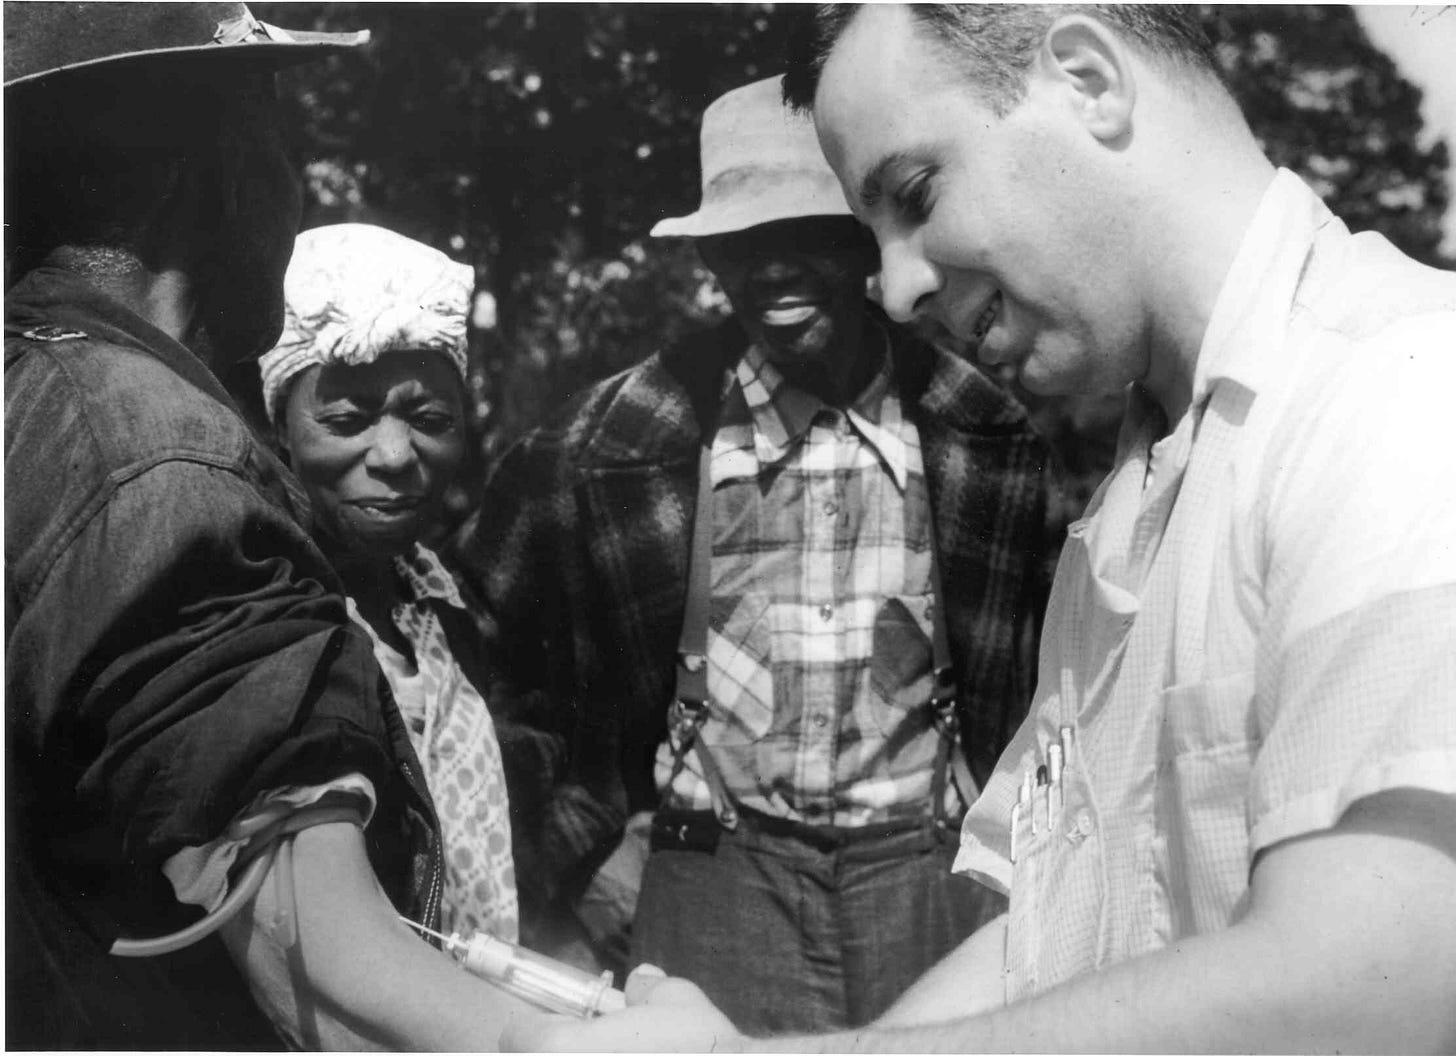 Tuskegee syphilis experiment - Wikipedia